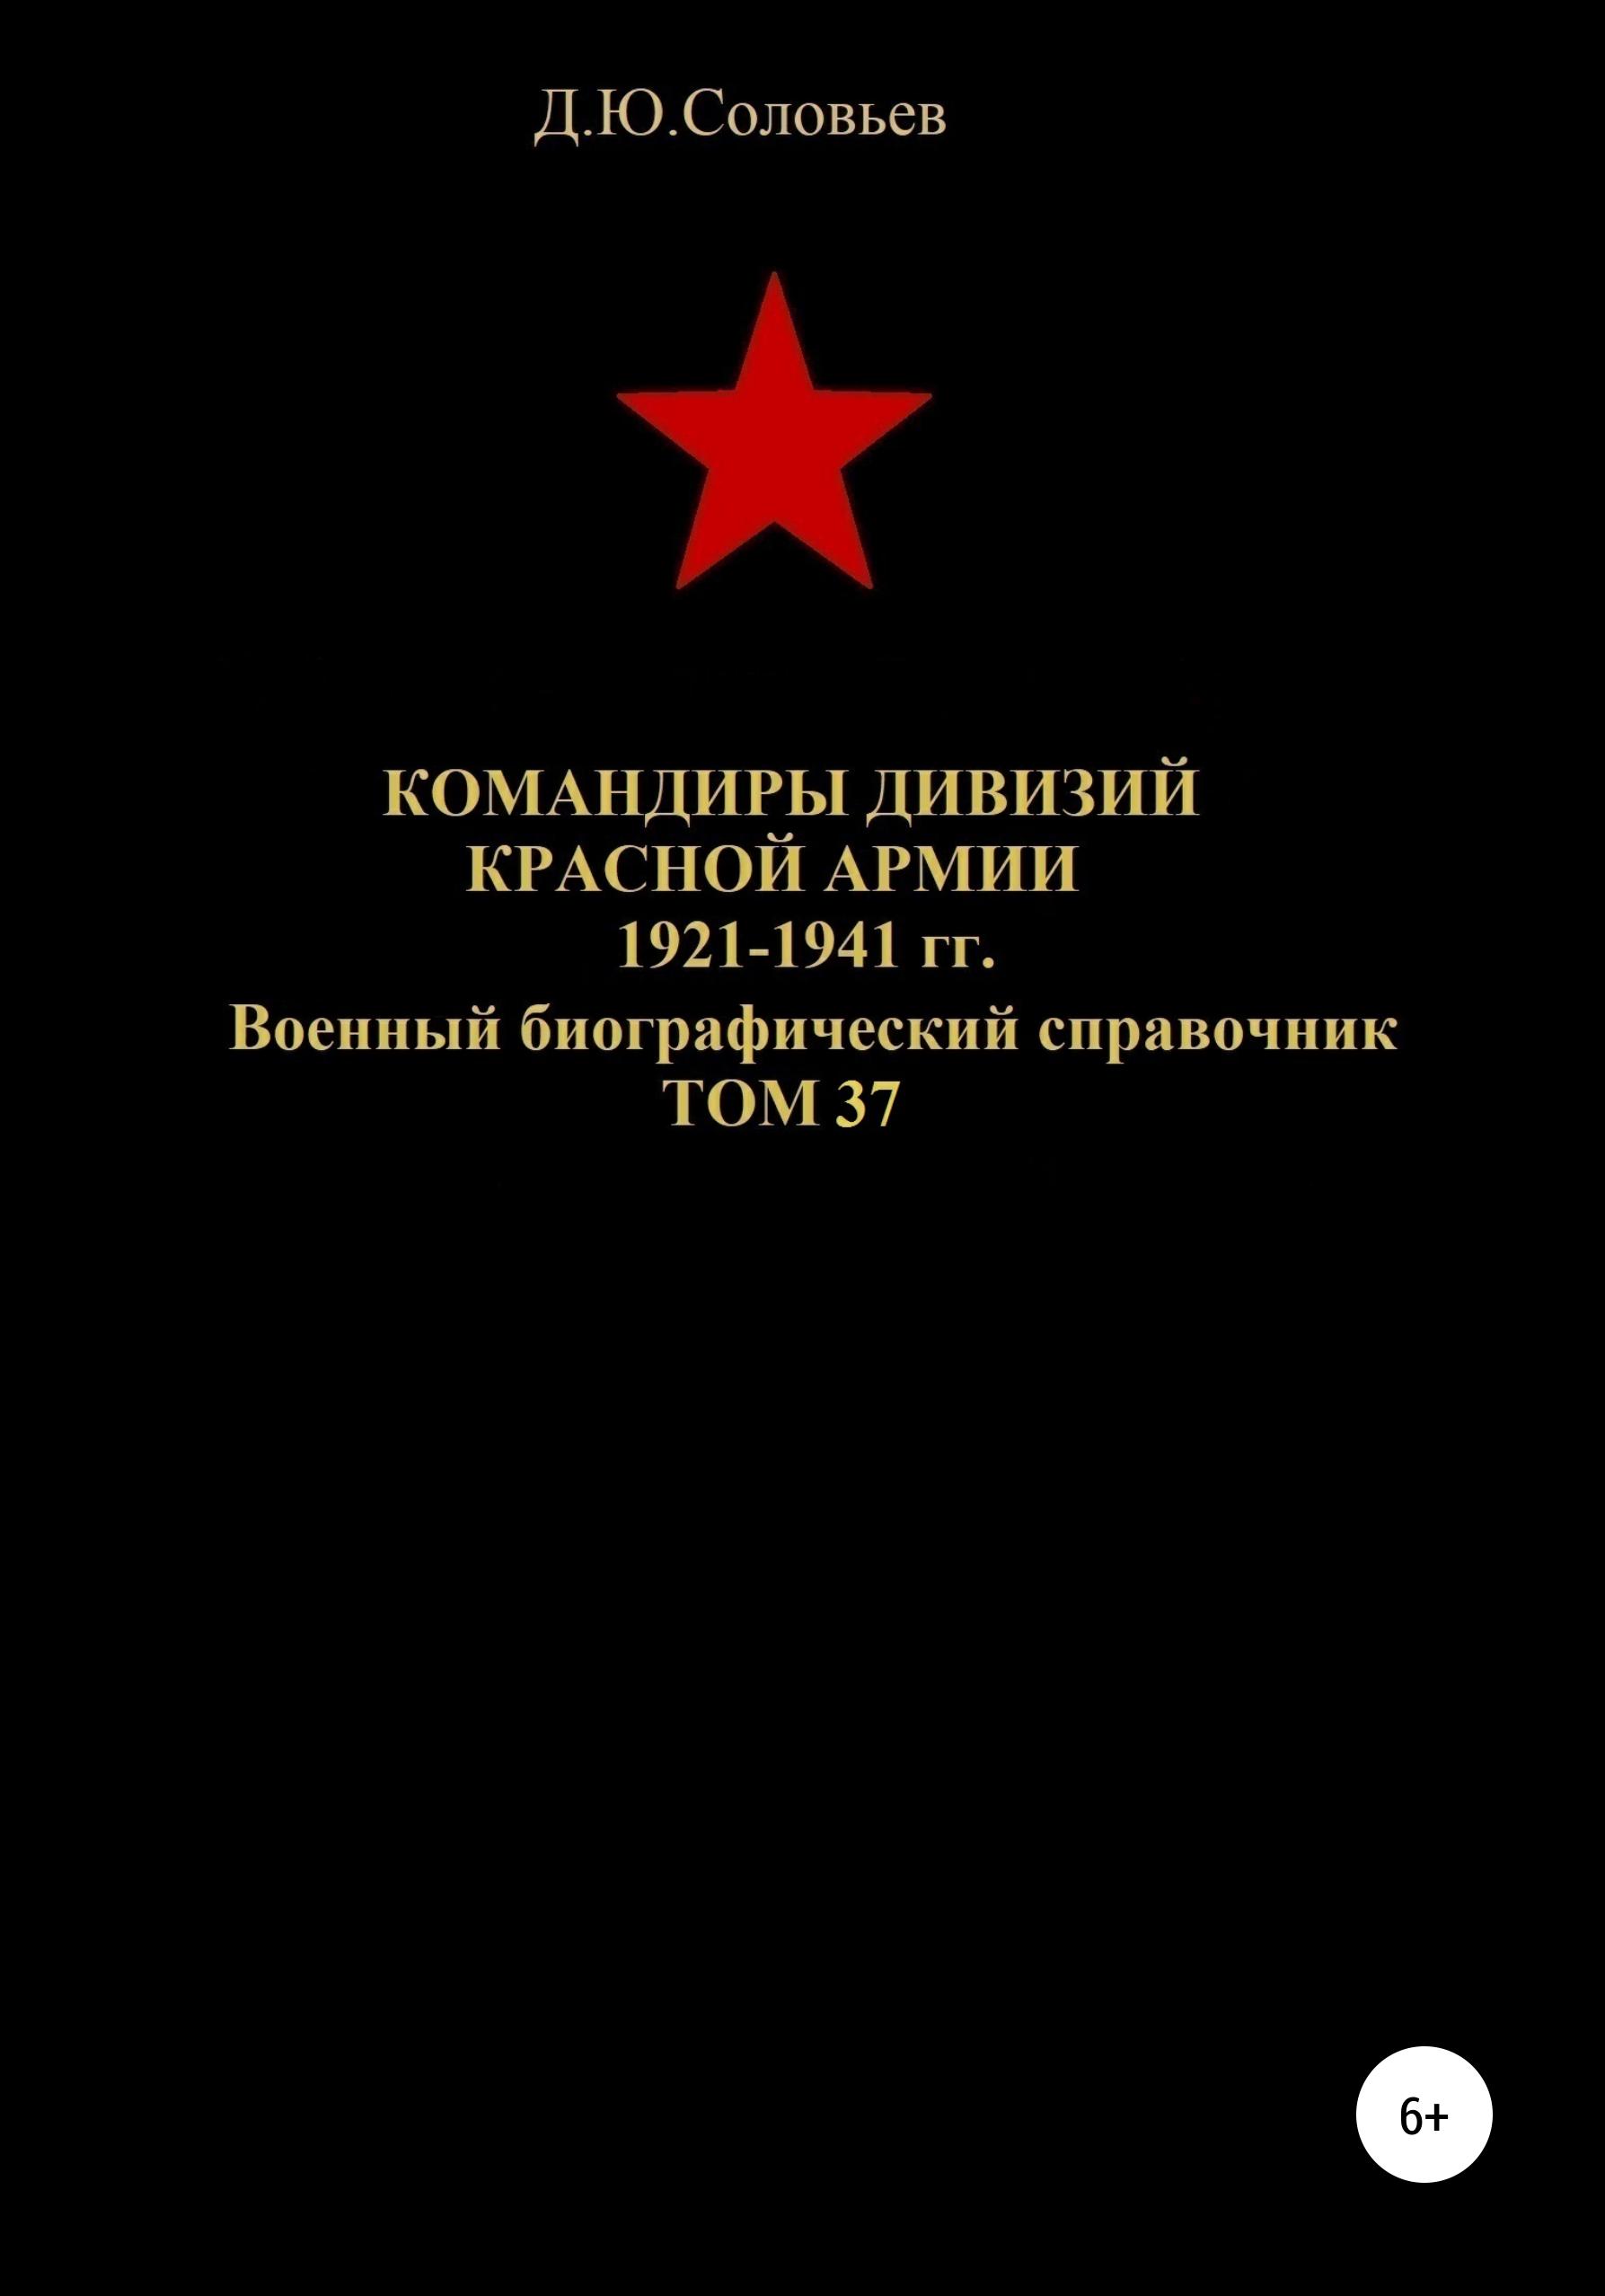 Командиры дивизий Красной Армии 1921-1941 гг. Том 37